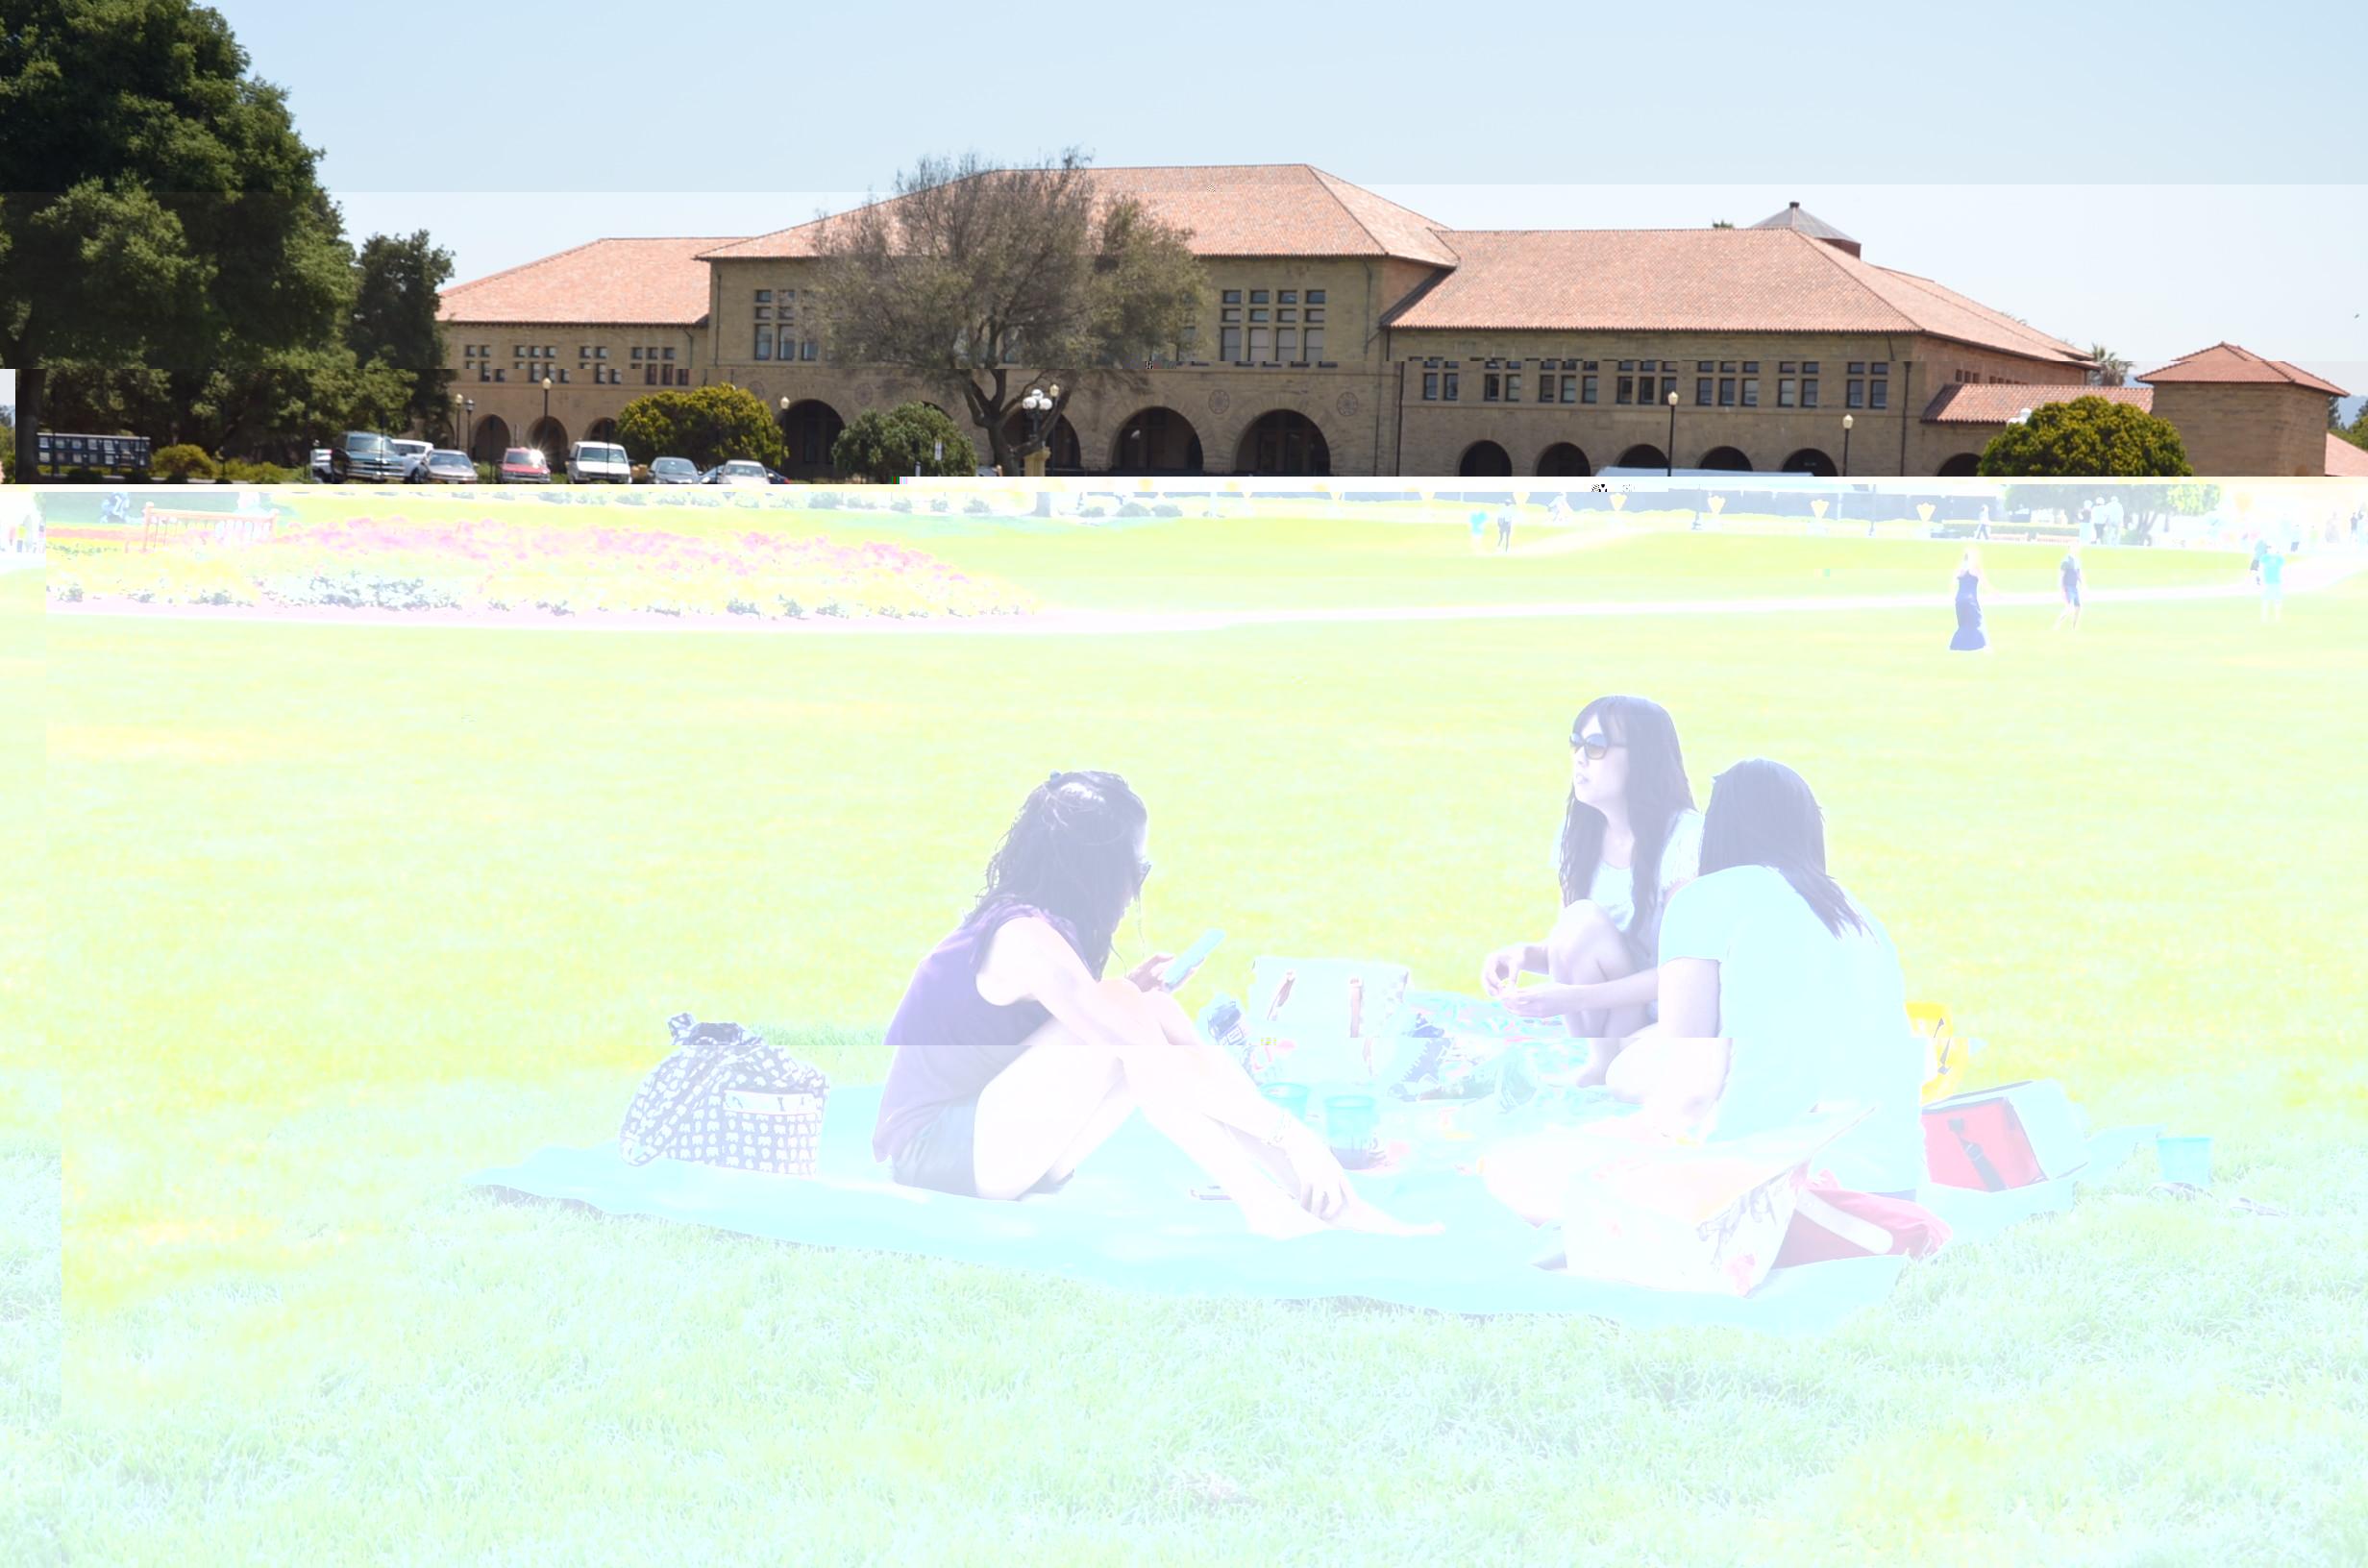 福布斯美国最佳大学排行榜   斯坦福大学摘得桂冠